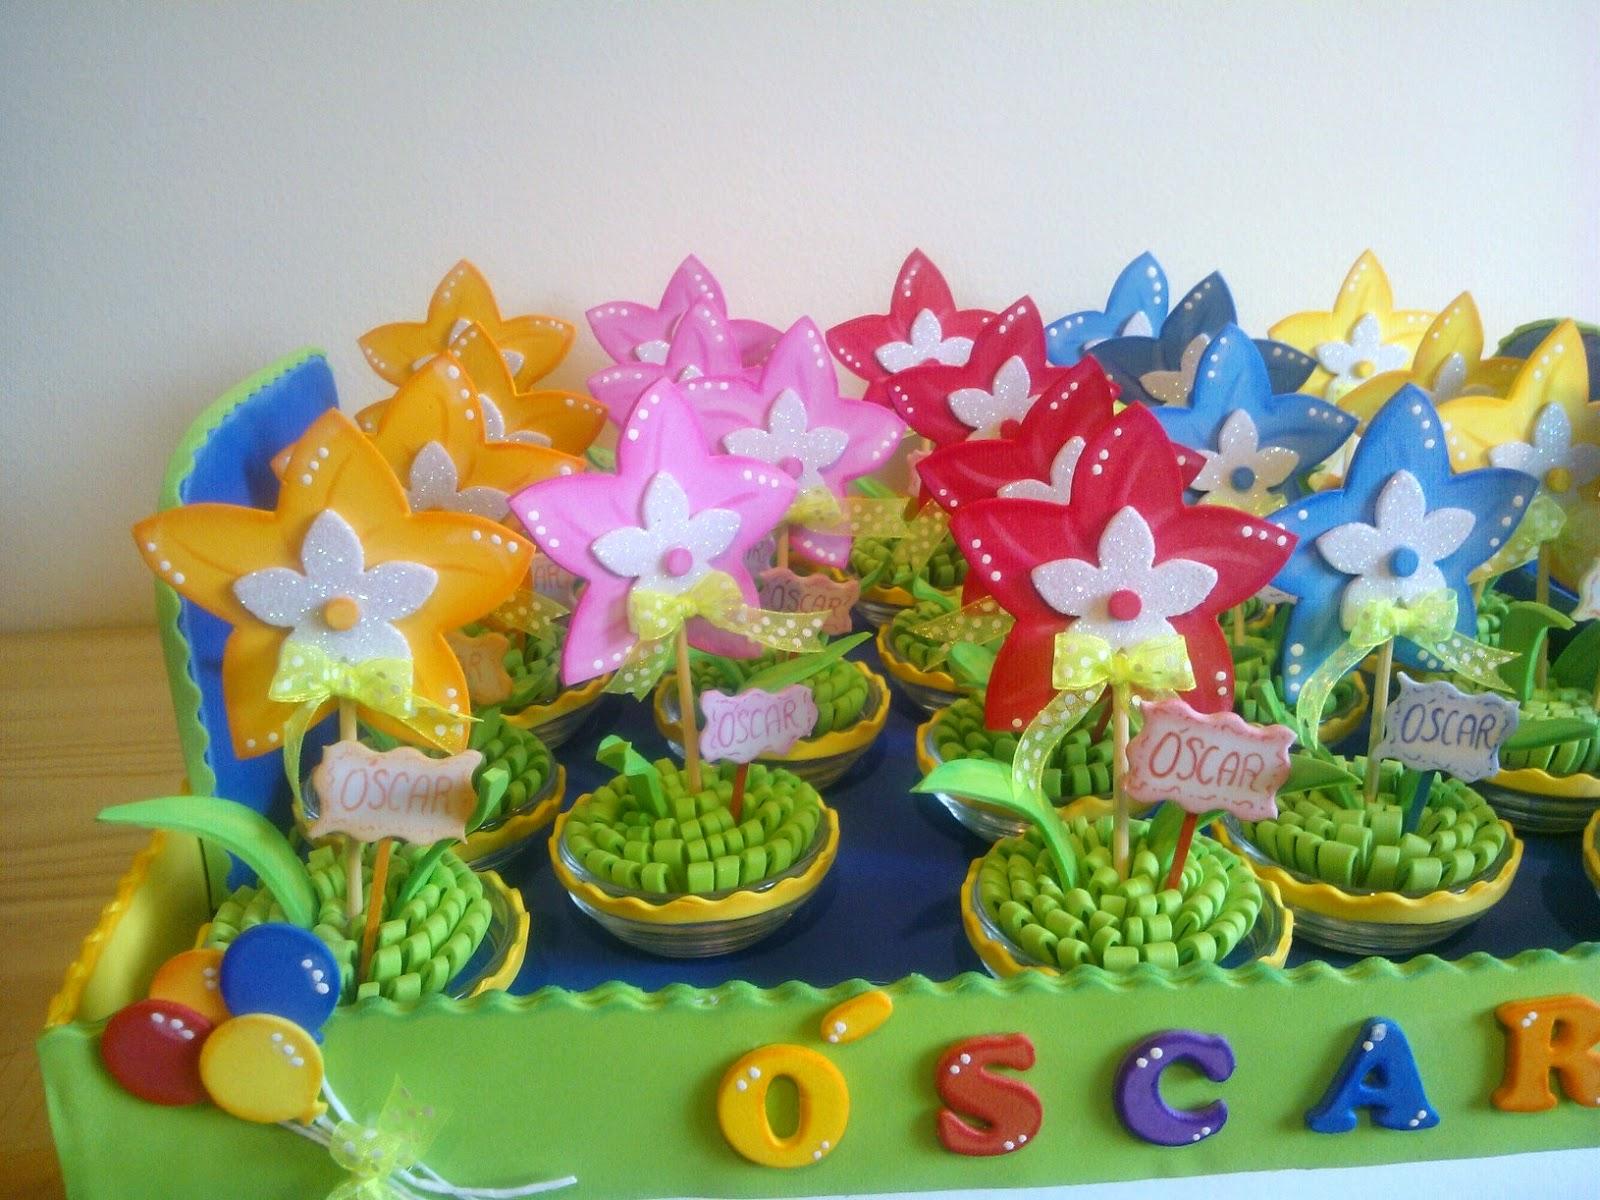 Imagenes De Centros De Mesa Con Flores De Goma Eva - Flores De Goma Eva Libros y Entretenimiento alaMaula